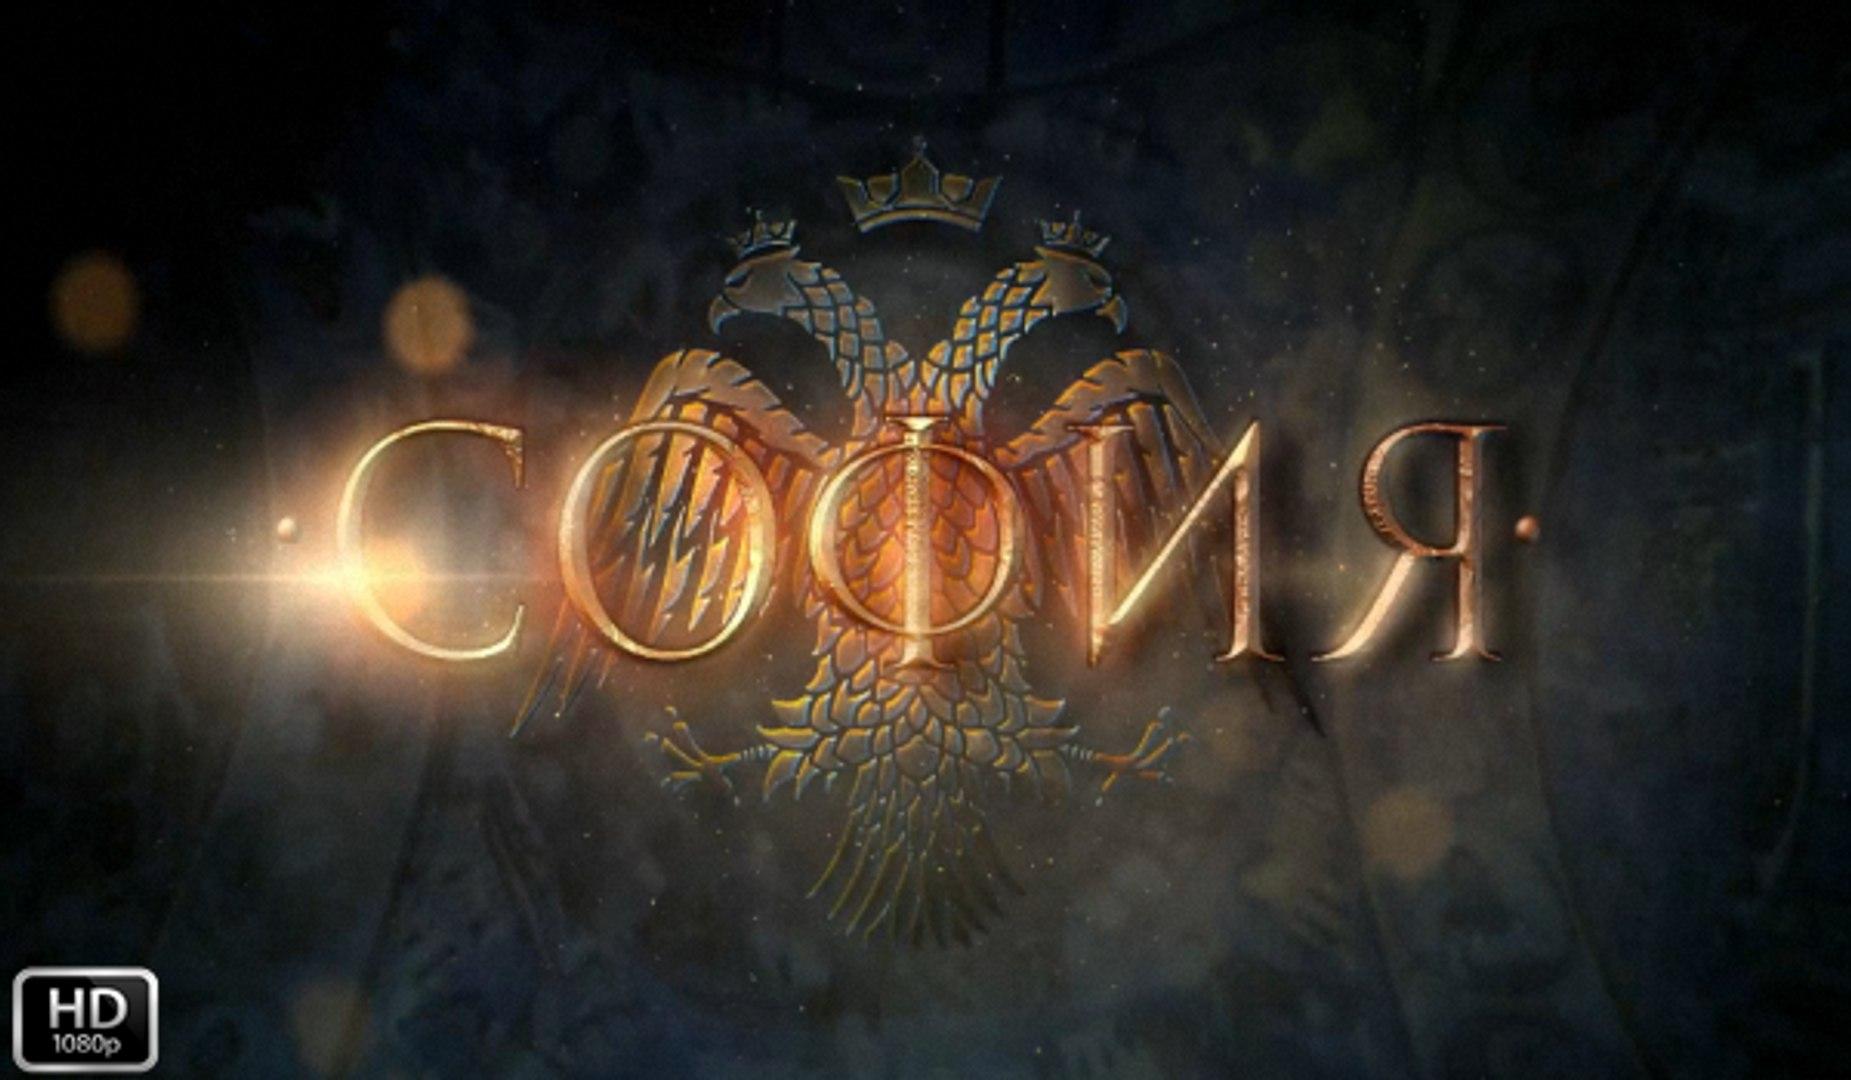 София 6 серия (2016) Сериал HD (1080p)